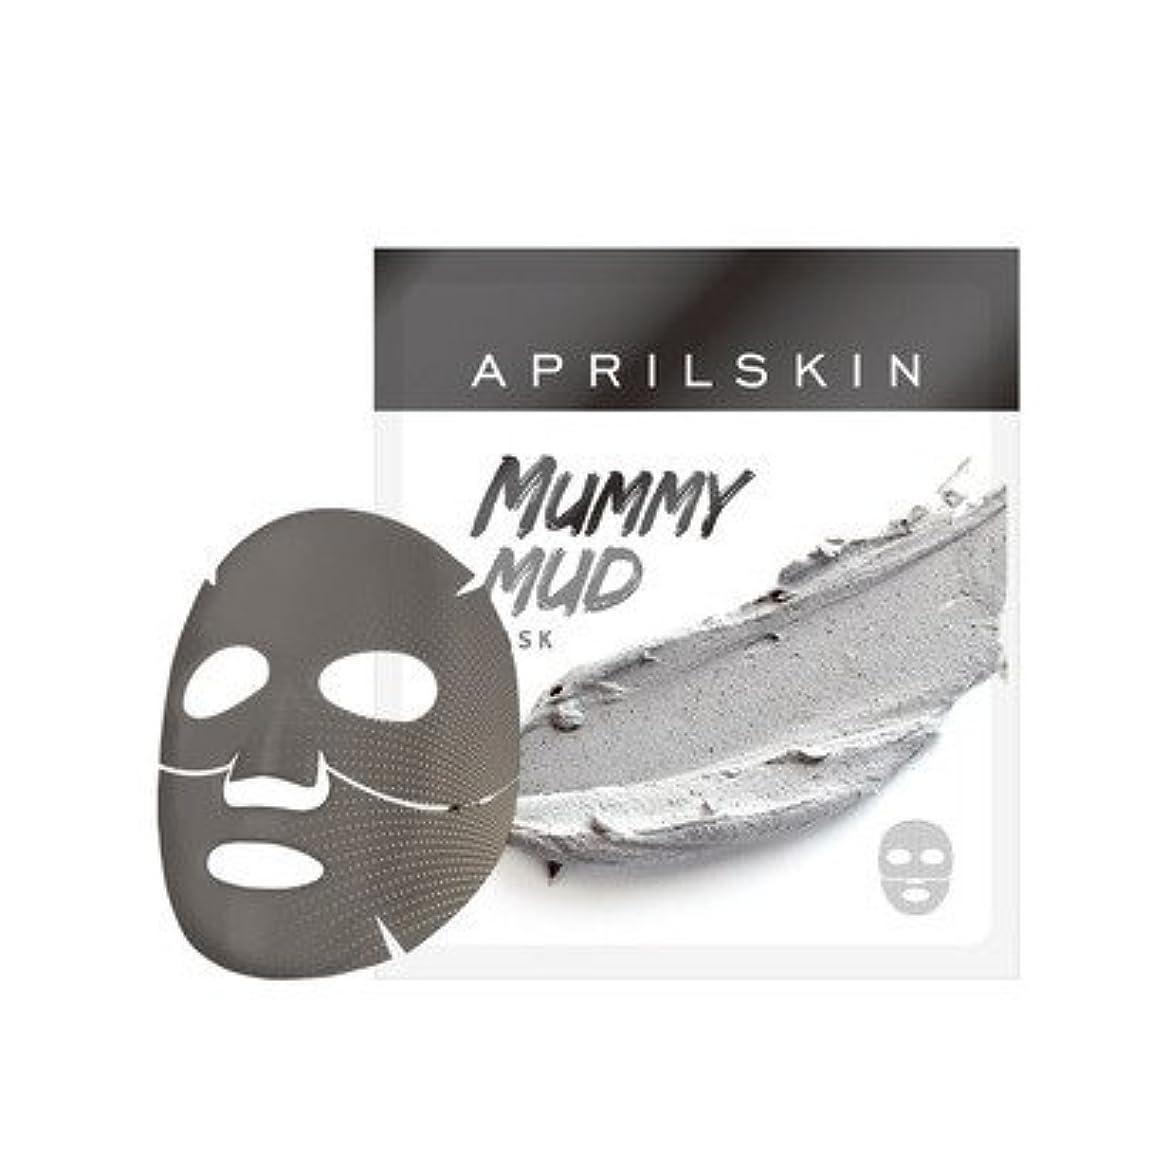 シリンダー攻撃貢献APRILSKIN MUMMY MUD MASK/エイプリルスキン ミイラ泥マスク 1枚 [並行輸入品]